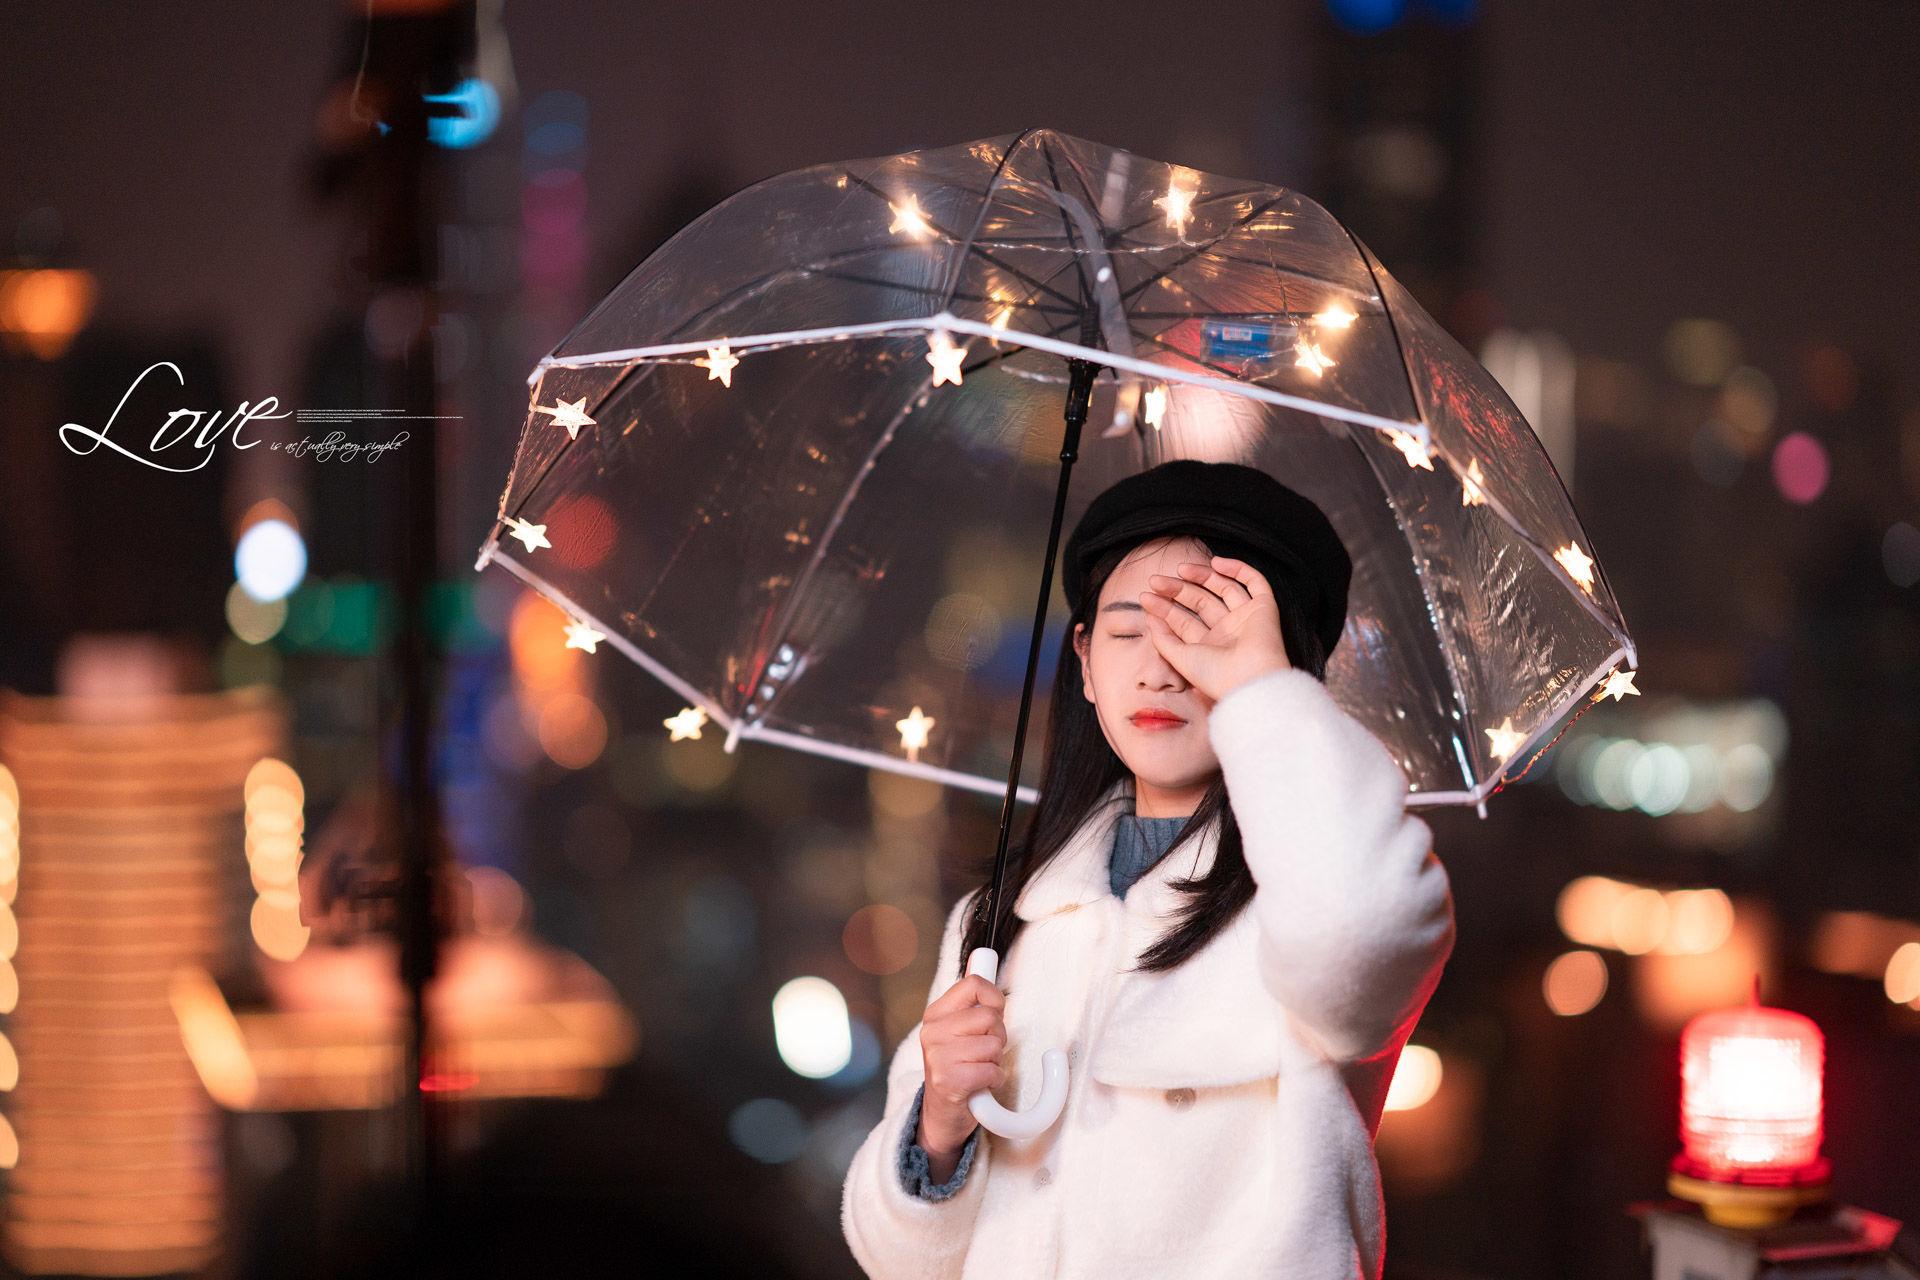 2019-01-21 天臺夜景情緒人像_攝影師晦恩 模特馮雪